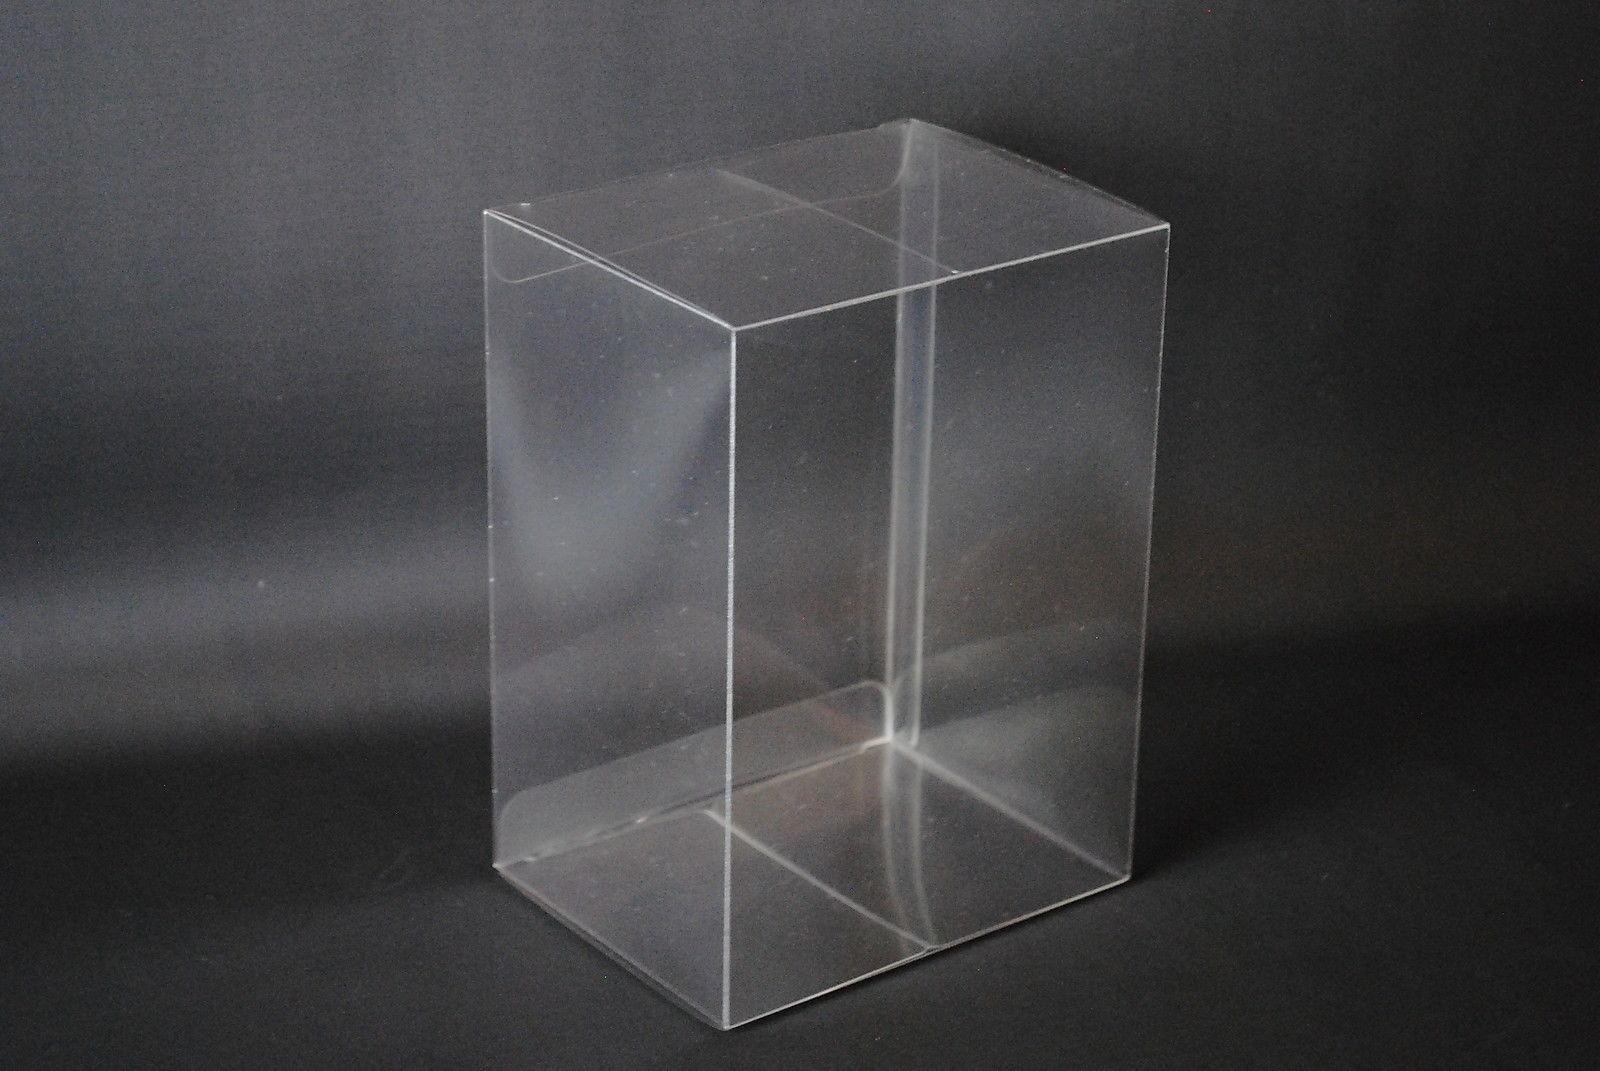 Funko Pop Vinyl Display Box Cases Protectors